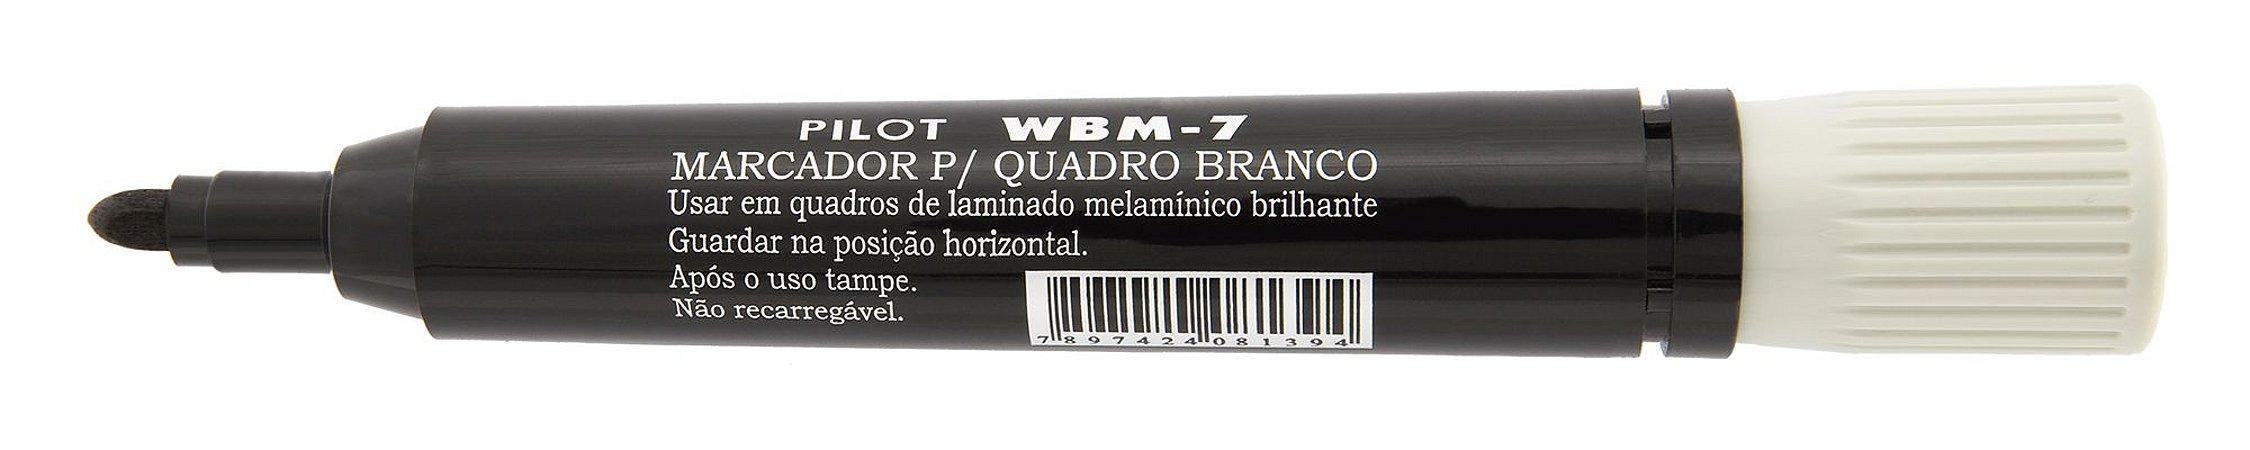 MARCADOR PARA QUADRO BRANCO WBM-7 PRETO - PILOT